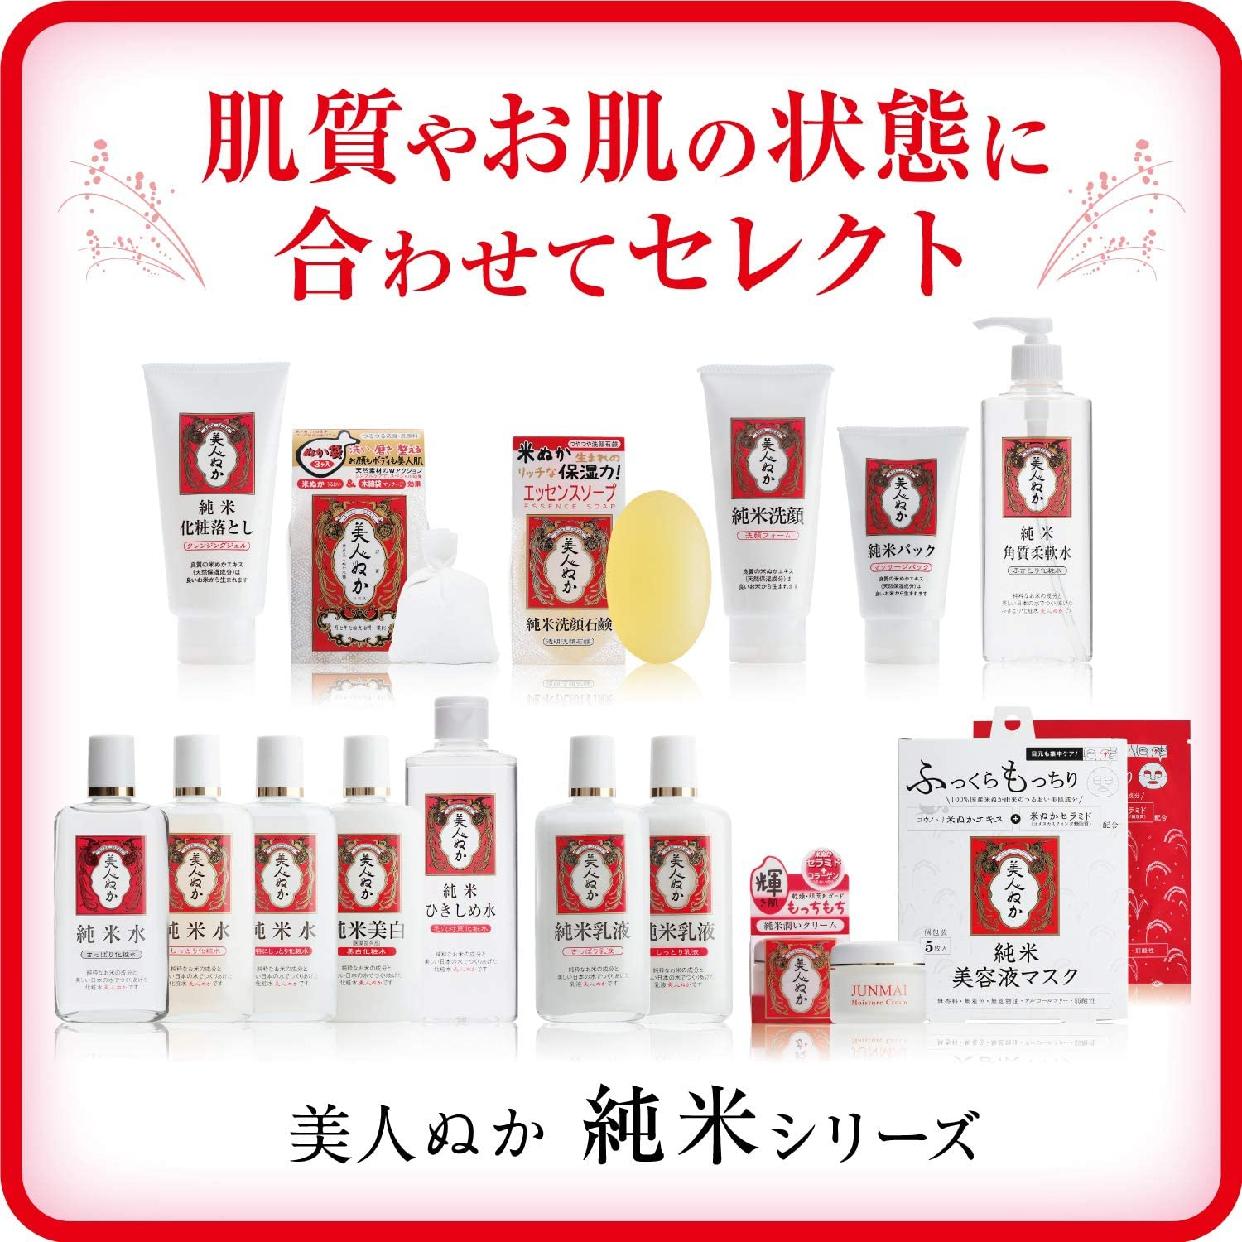 美人ぬか 美人ぬか 純米水 さっぱり化粧水の商品画像6